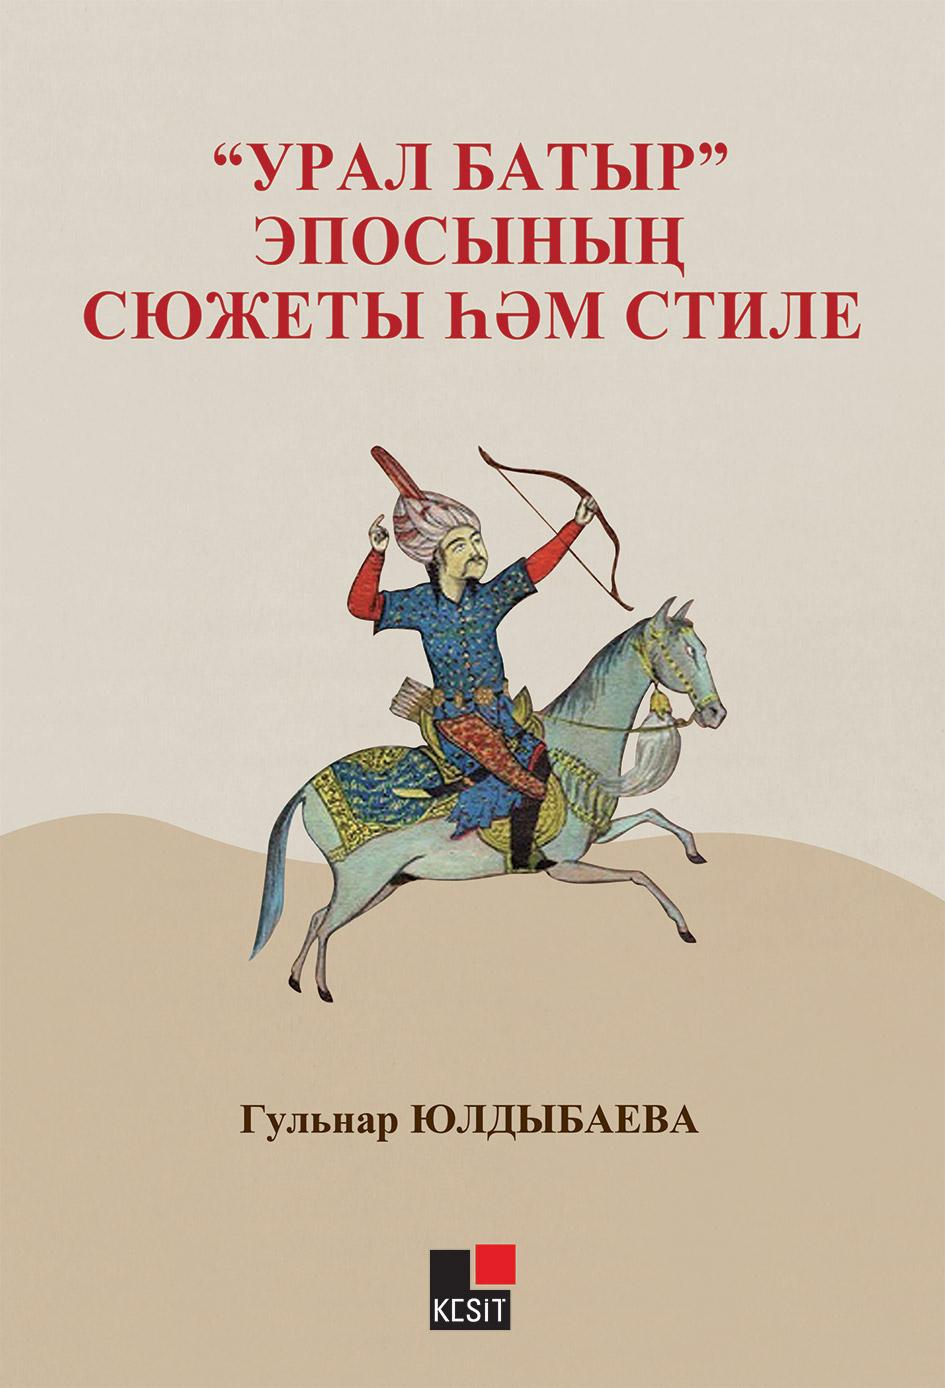 """""""Урал Батыр"""" Эпосының Сюжеты Һәм Стиле"""